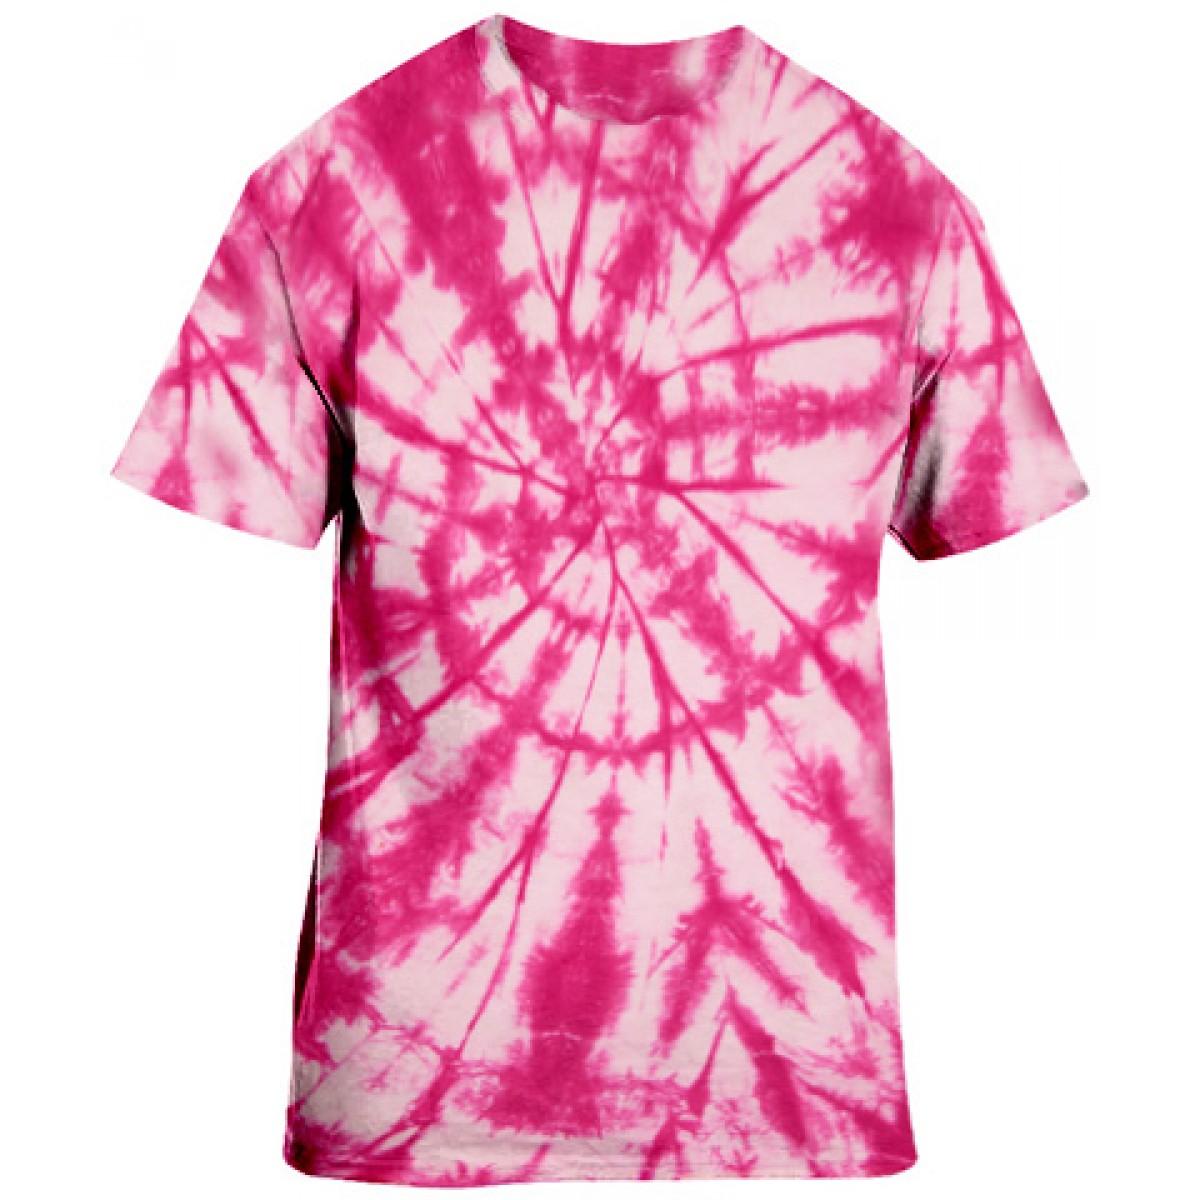 Pink Tie-Dye S/S Tee -Pink-YM